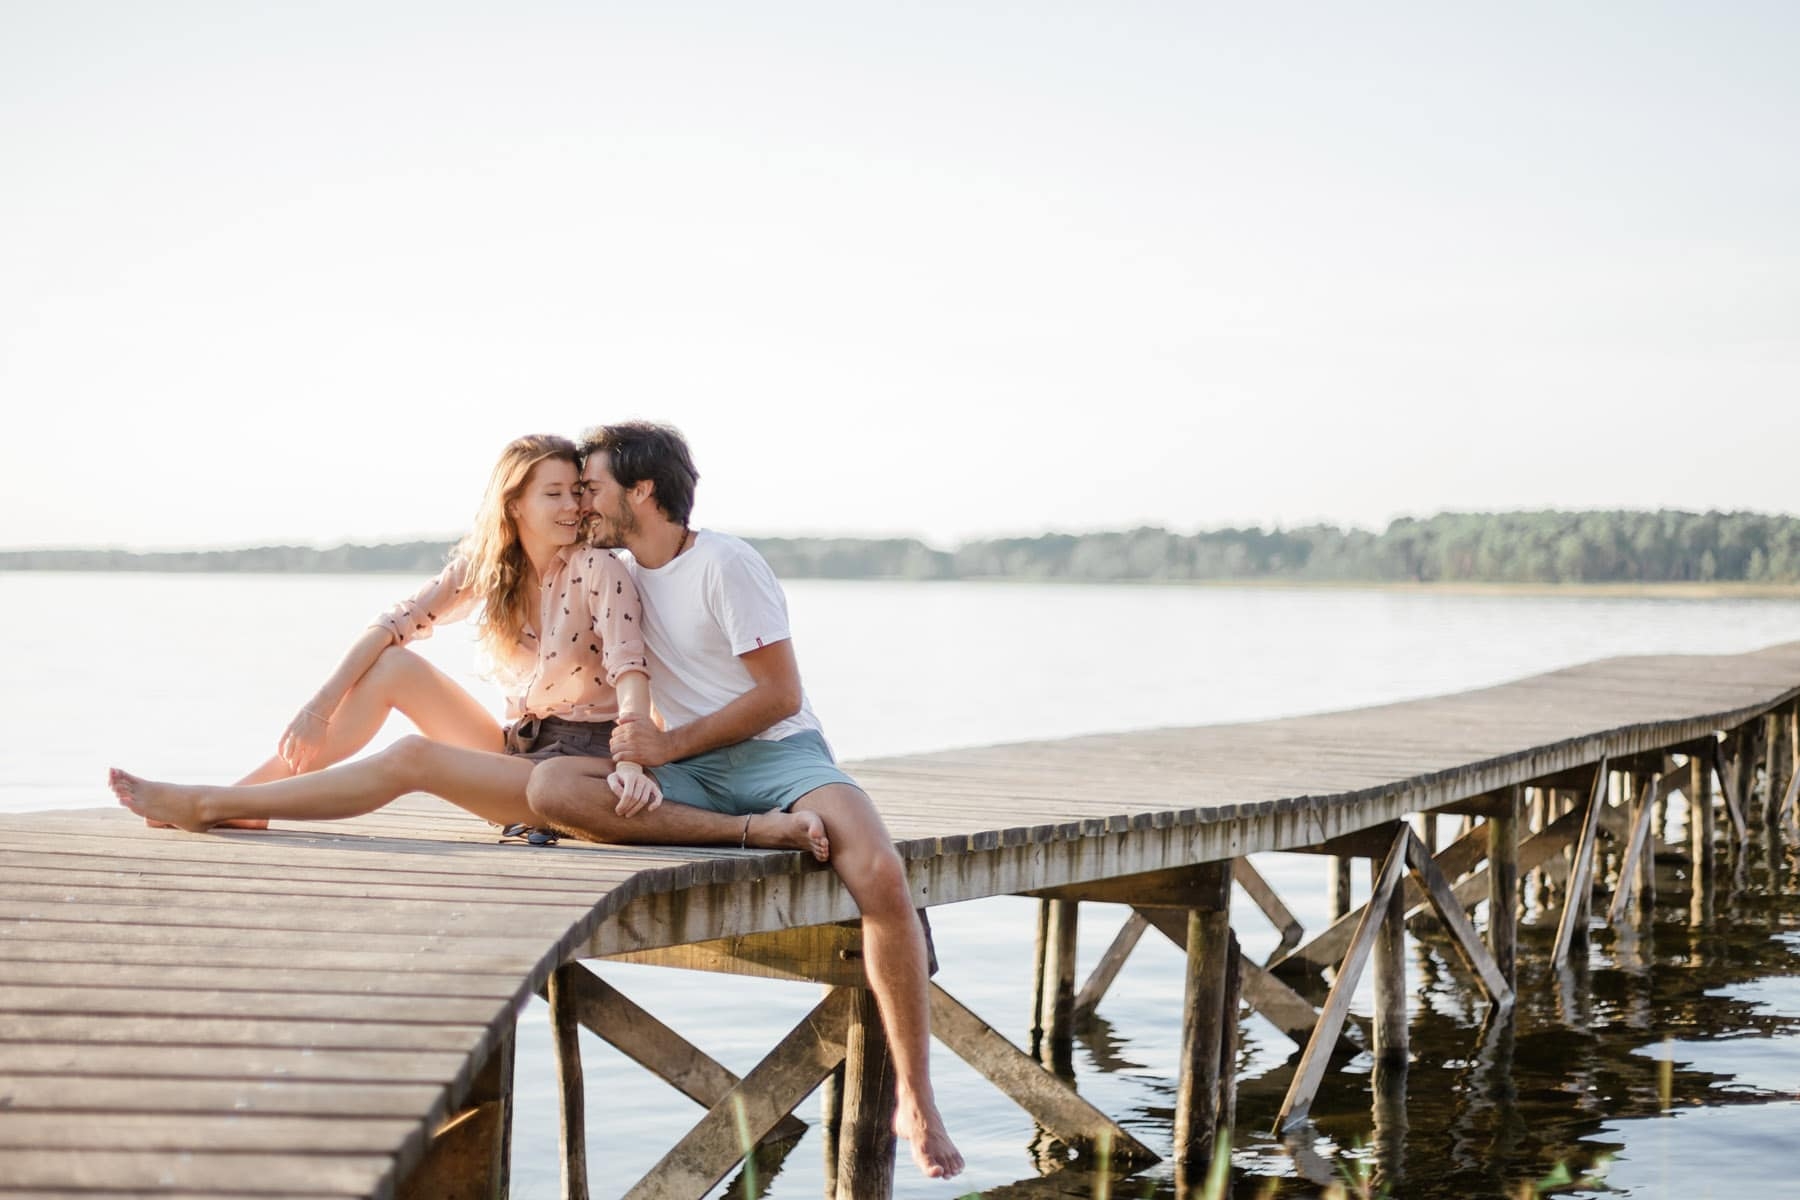 photographe couple mariage engagement love session bordeaux landes lac lifestyle fine art francais sarah miramon tiffany julien 08